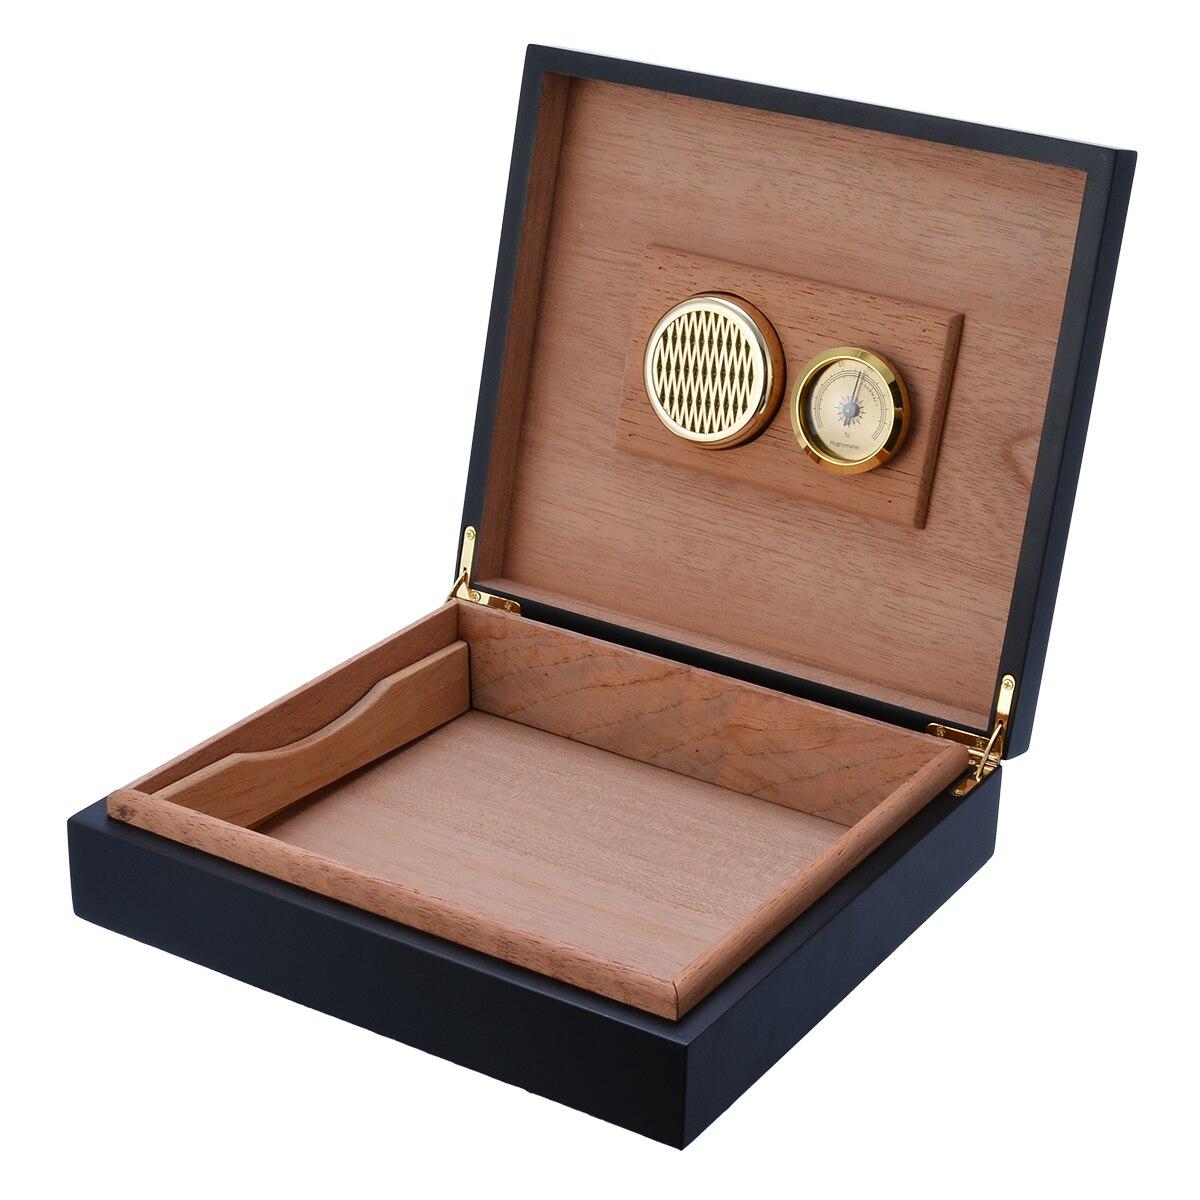 Boîtier de rangement à cigares noir étuis à cigares doublés de bois avec humidificateur à cigares hygromètre cèdre 235x215x63mm